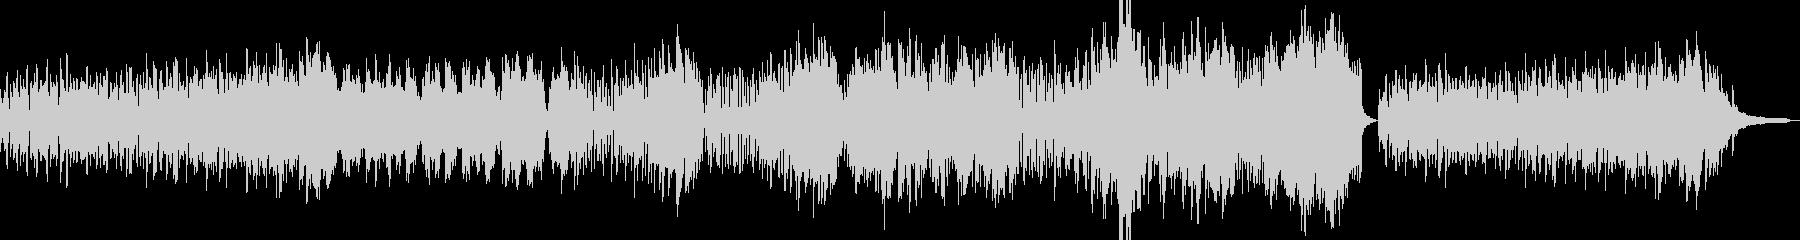 軽快な雰囲気のBGMの未再生の波形